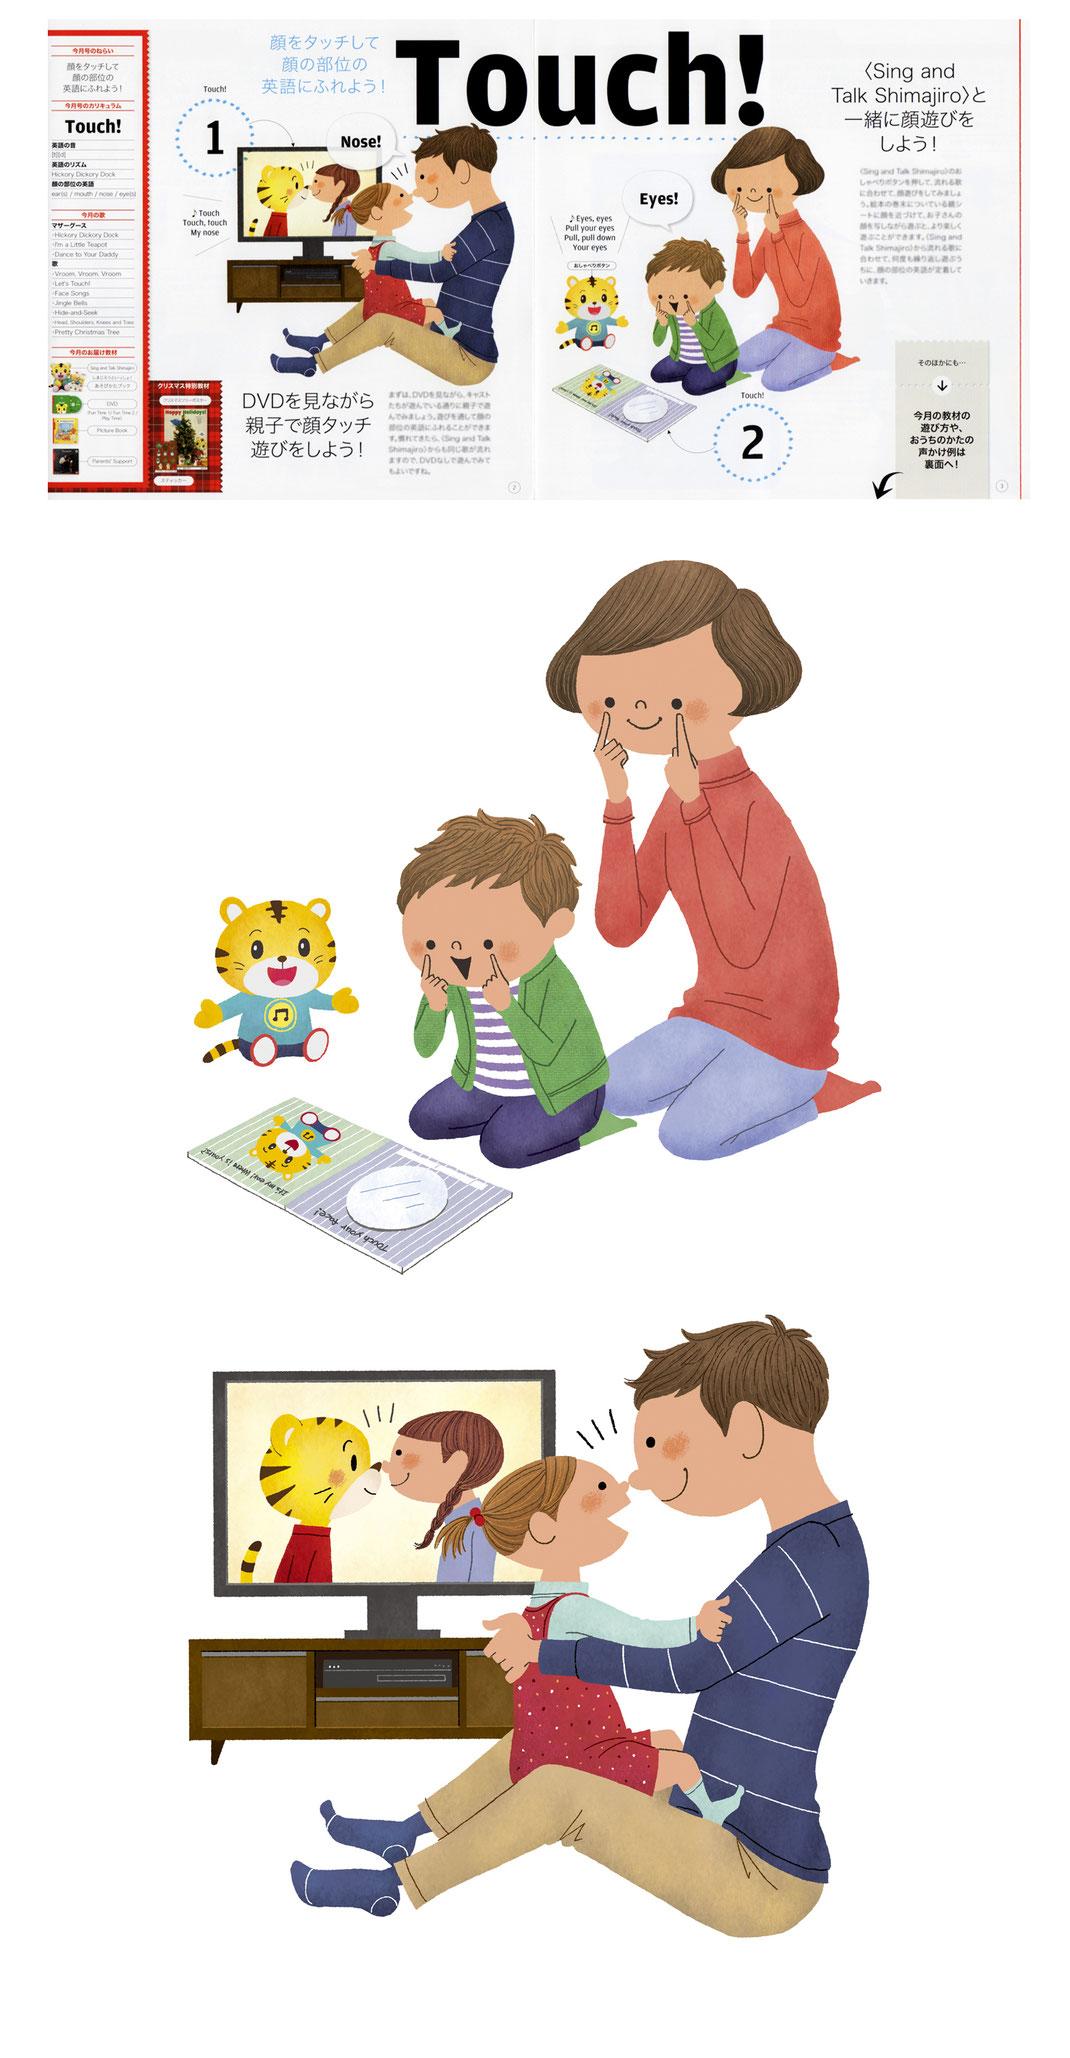 親子で遊びながら楽しく英語の勉強をしているイラスト